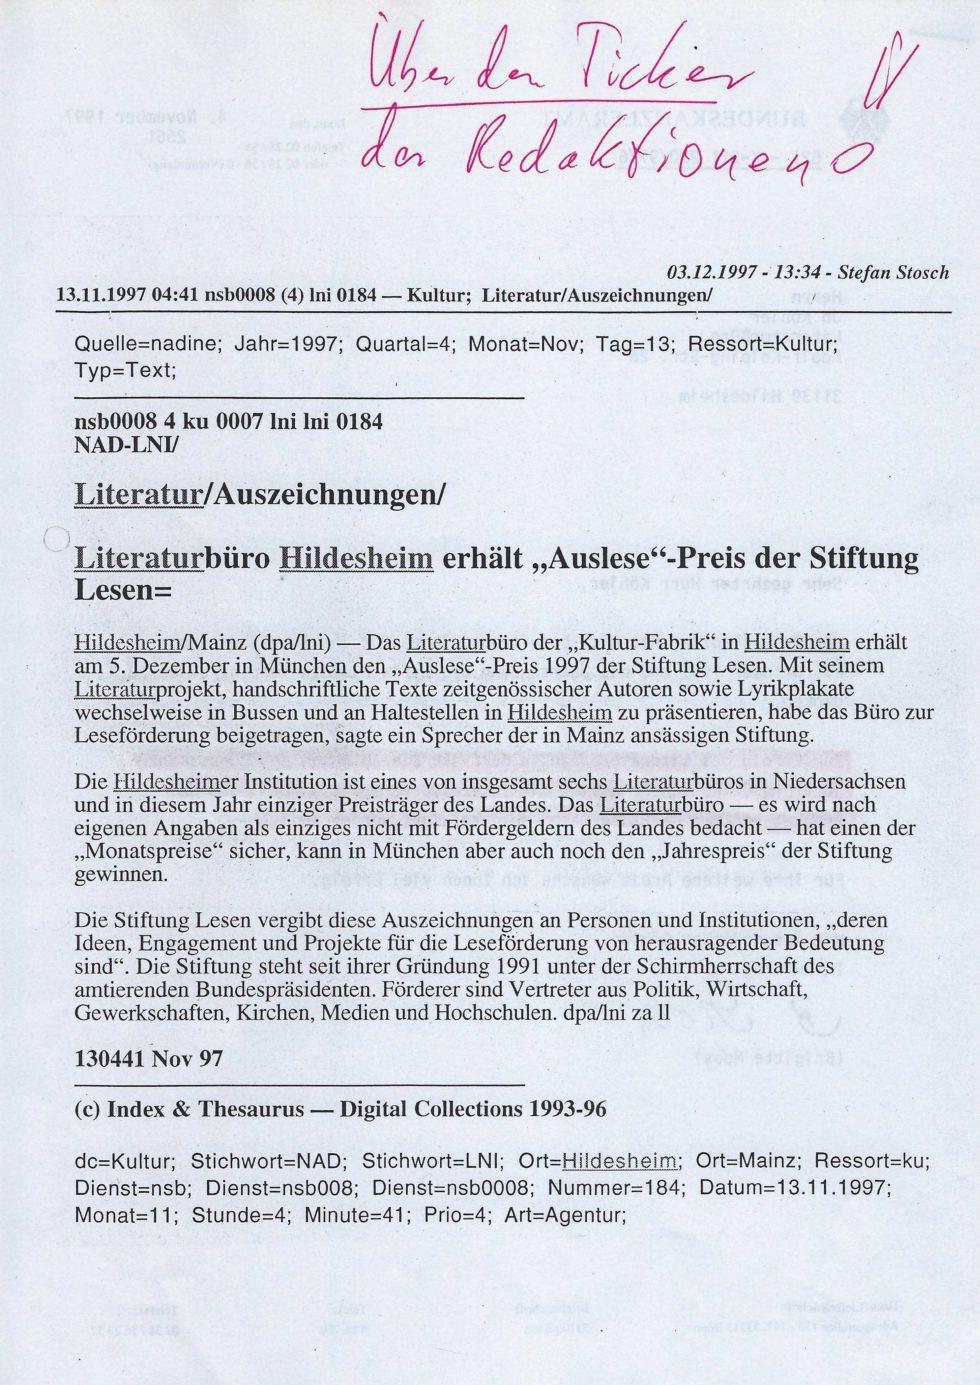 1997 Stift.Lesen, Lit.Tour, Lasker-Wallfisch_Seite_52